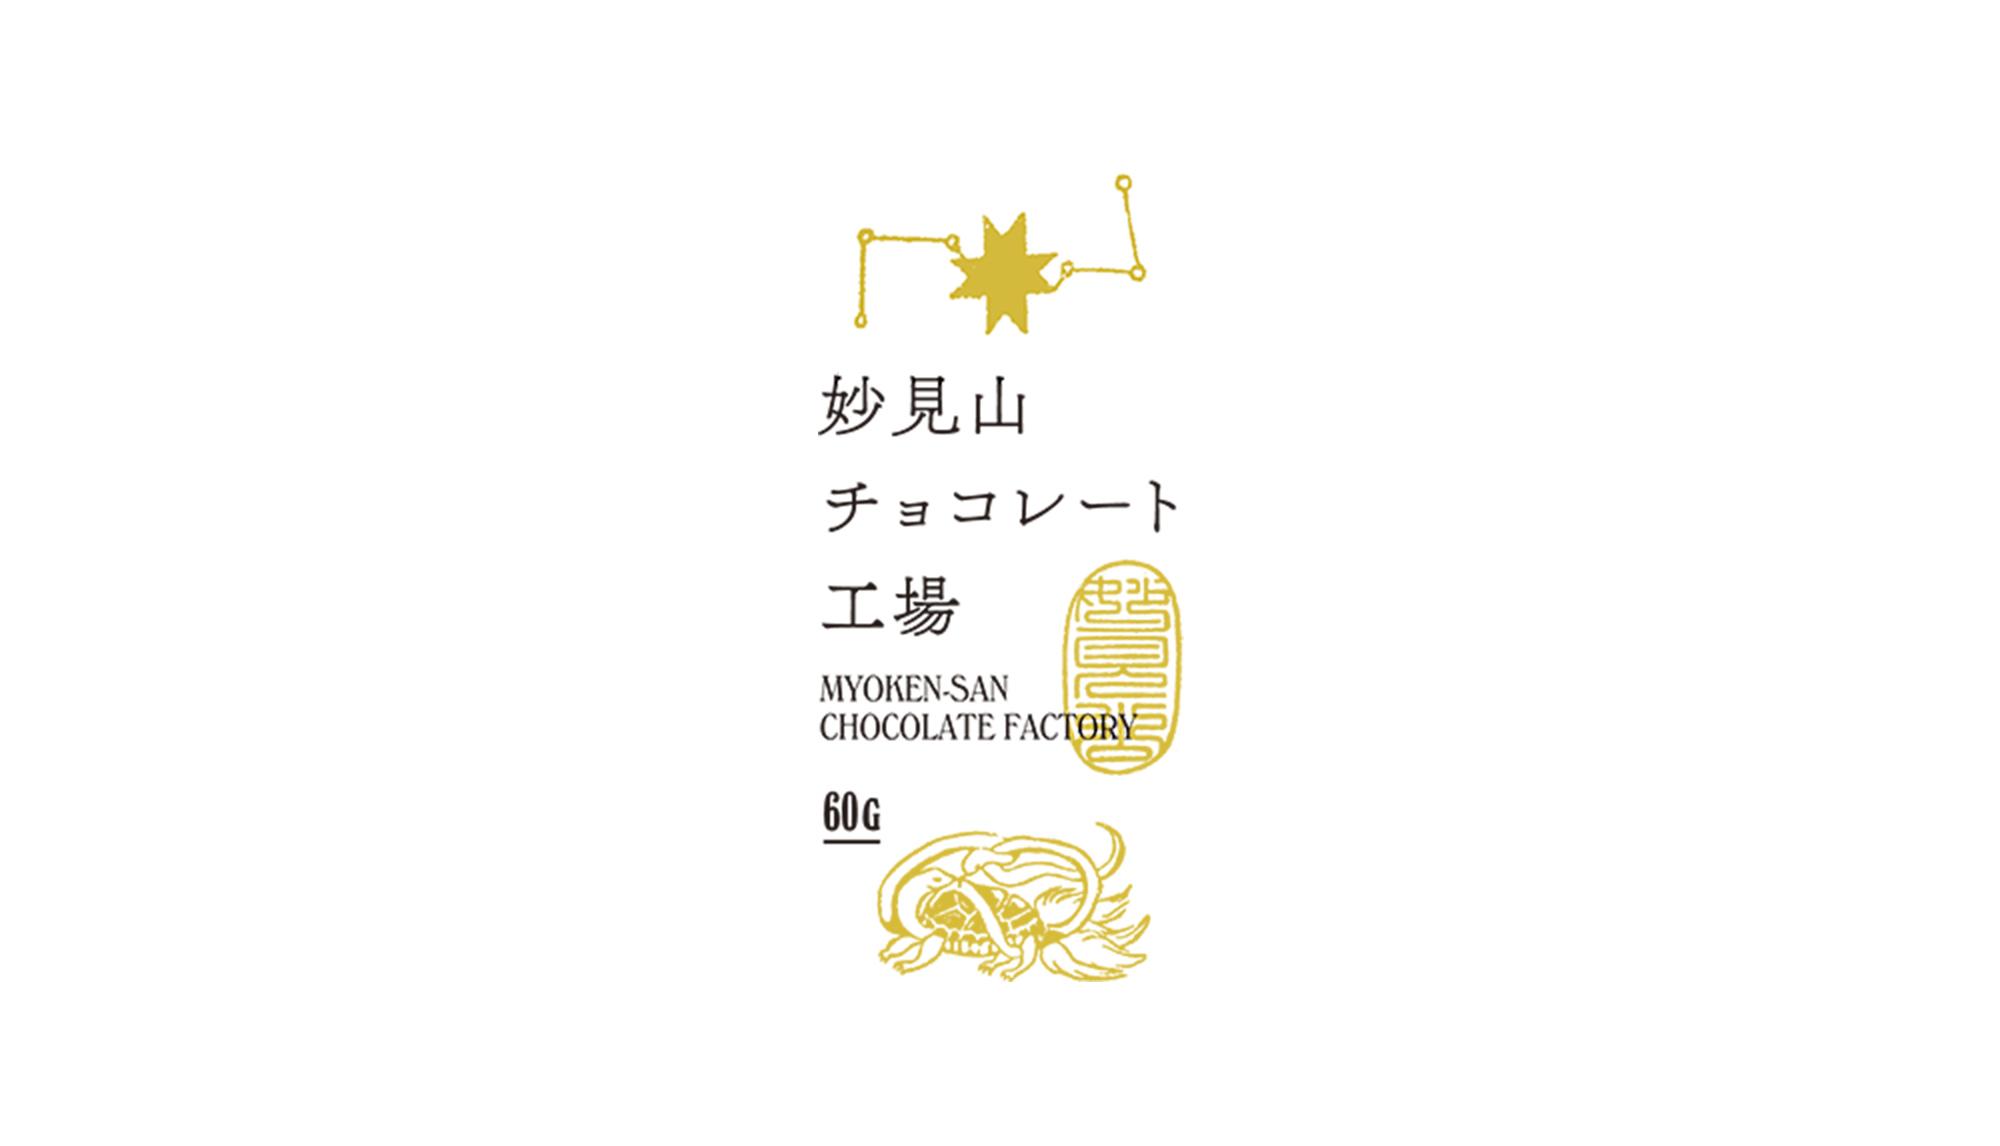 妙見山チョコレート工場プロジェクト